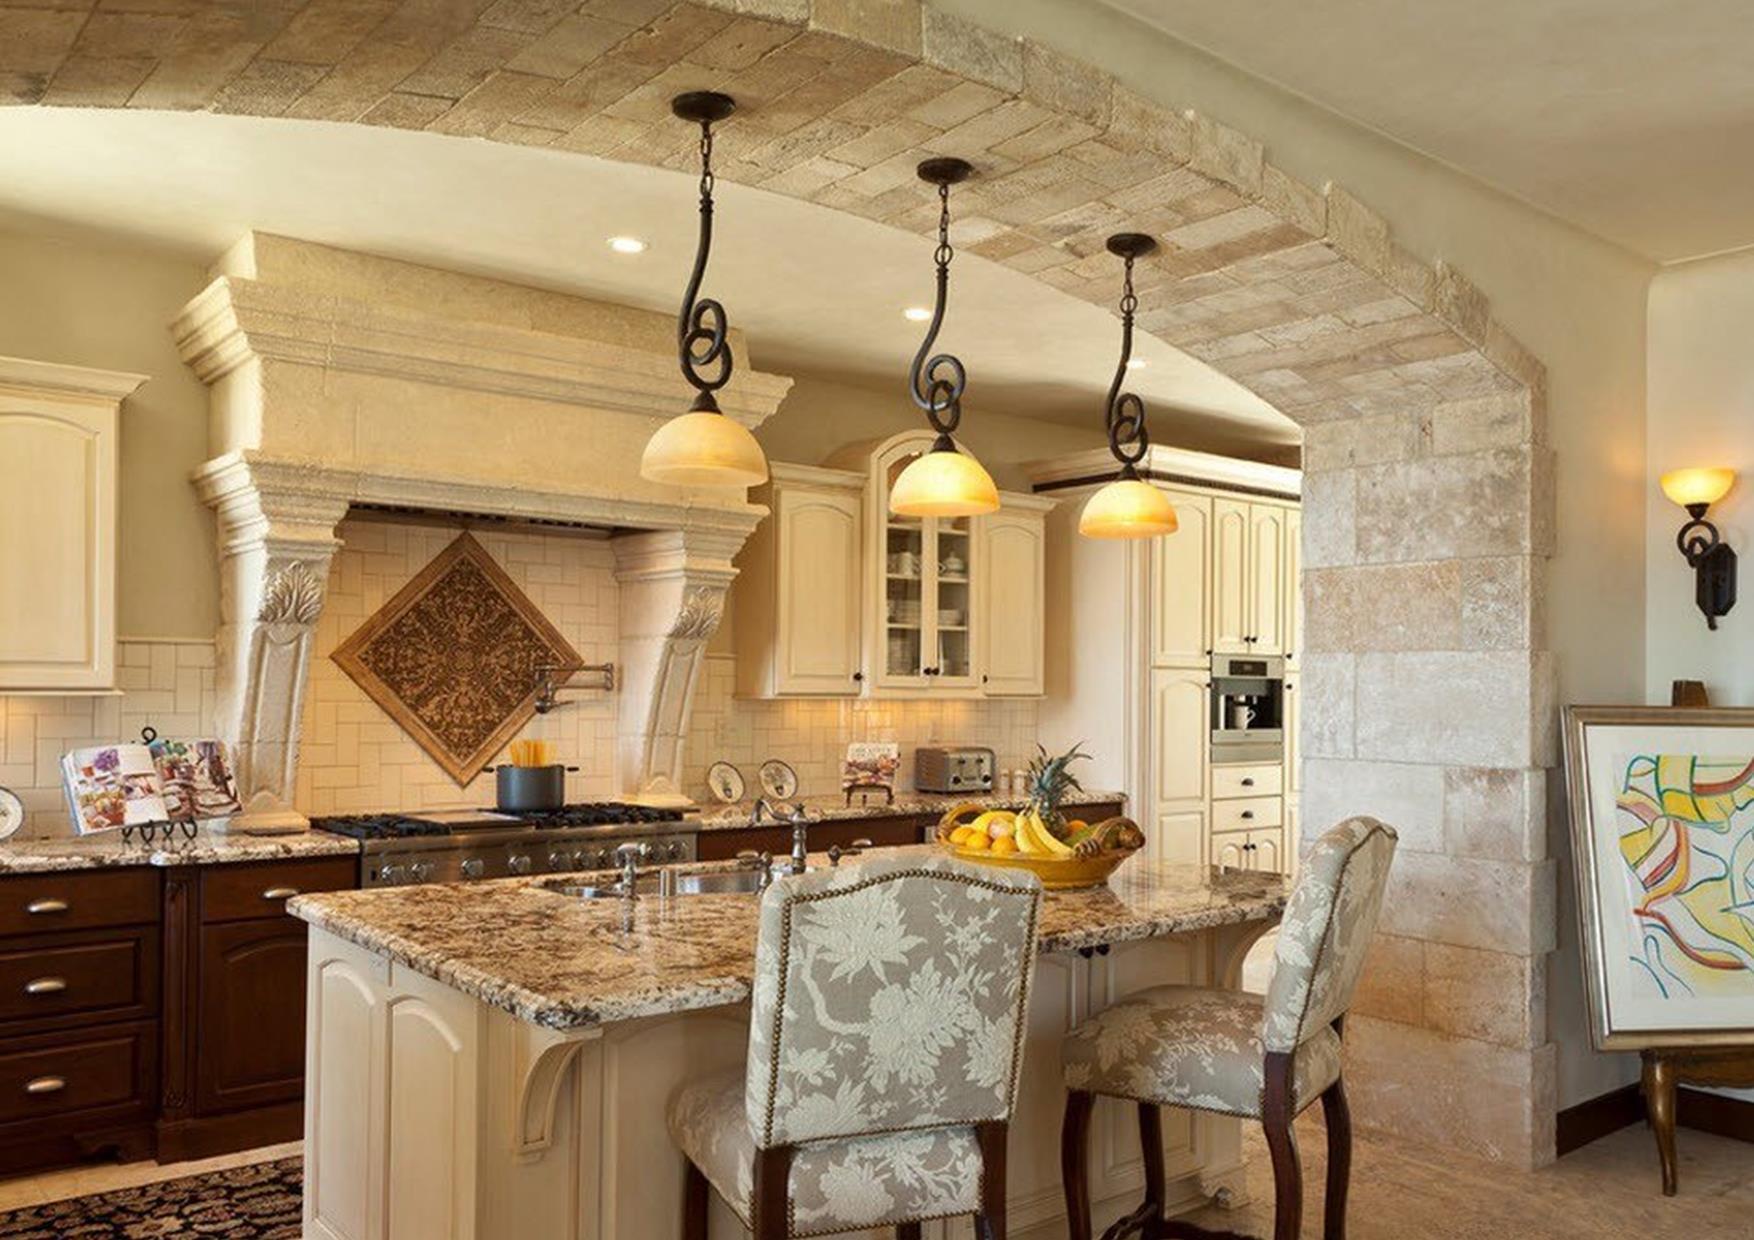 дизайн кухни с аркой вместо двери